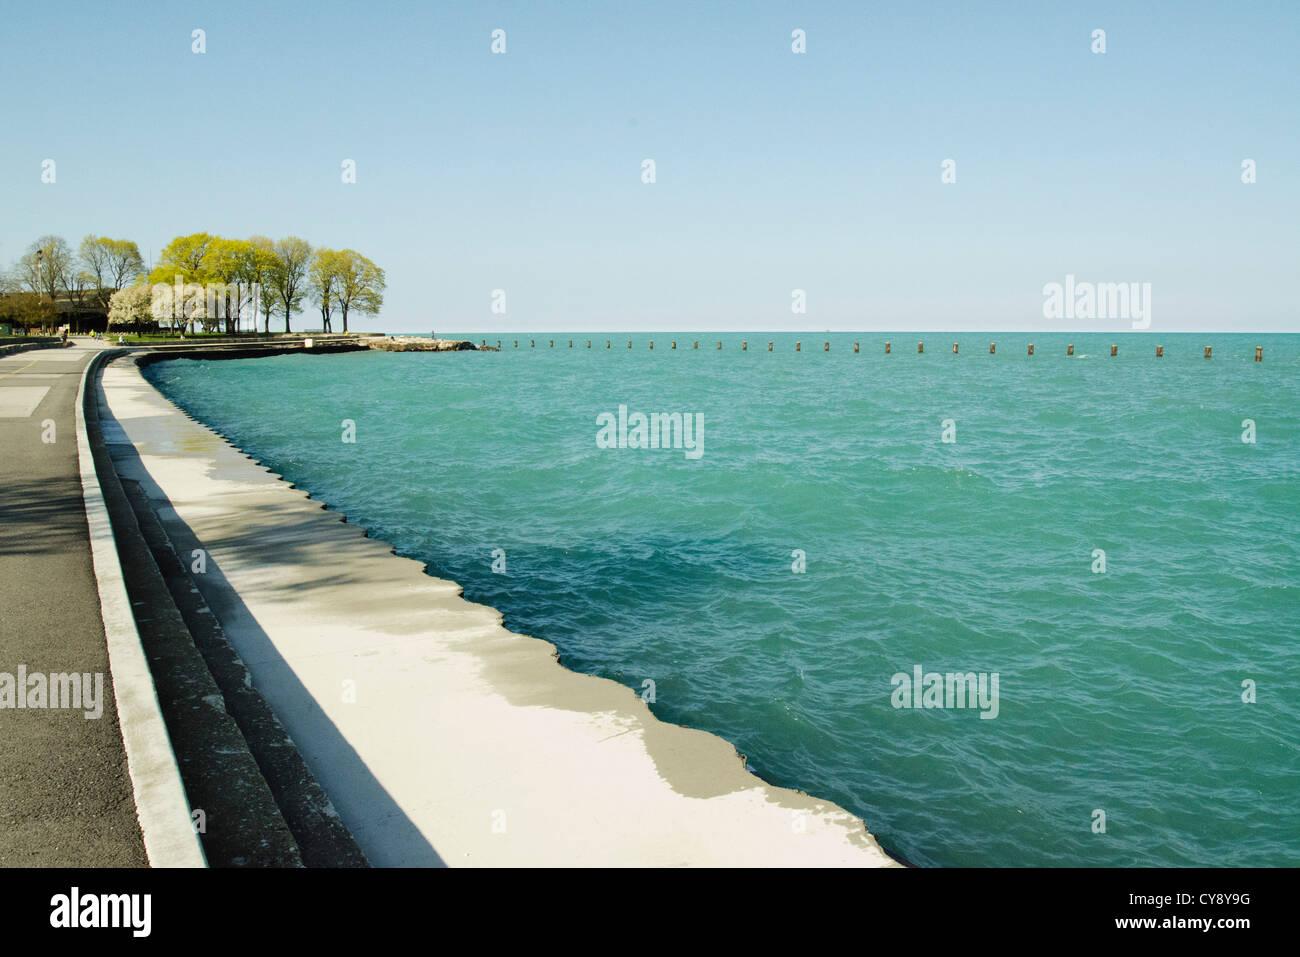 Promenade sur les rives du lac Michigan Photo Stock